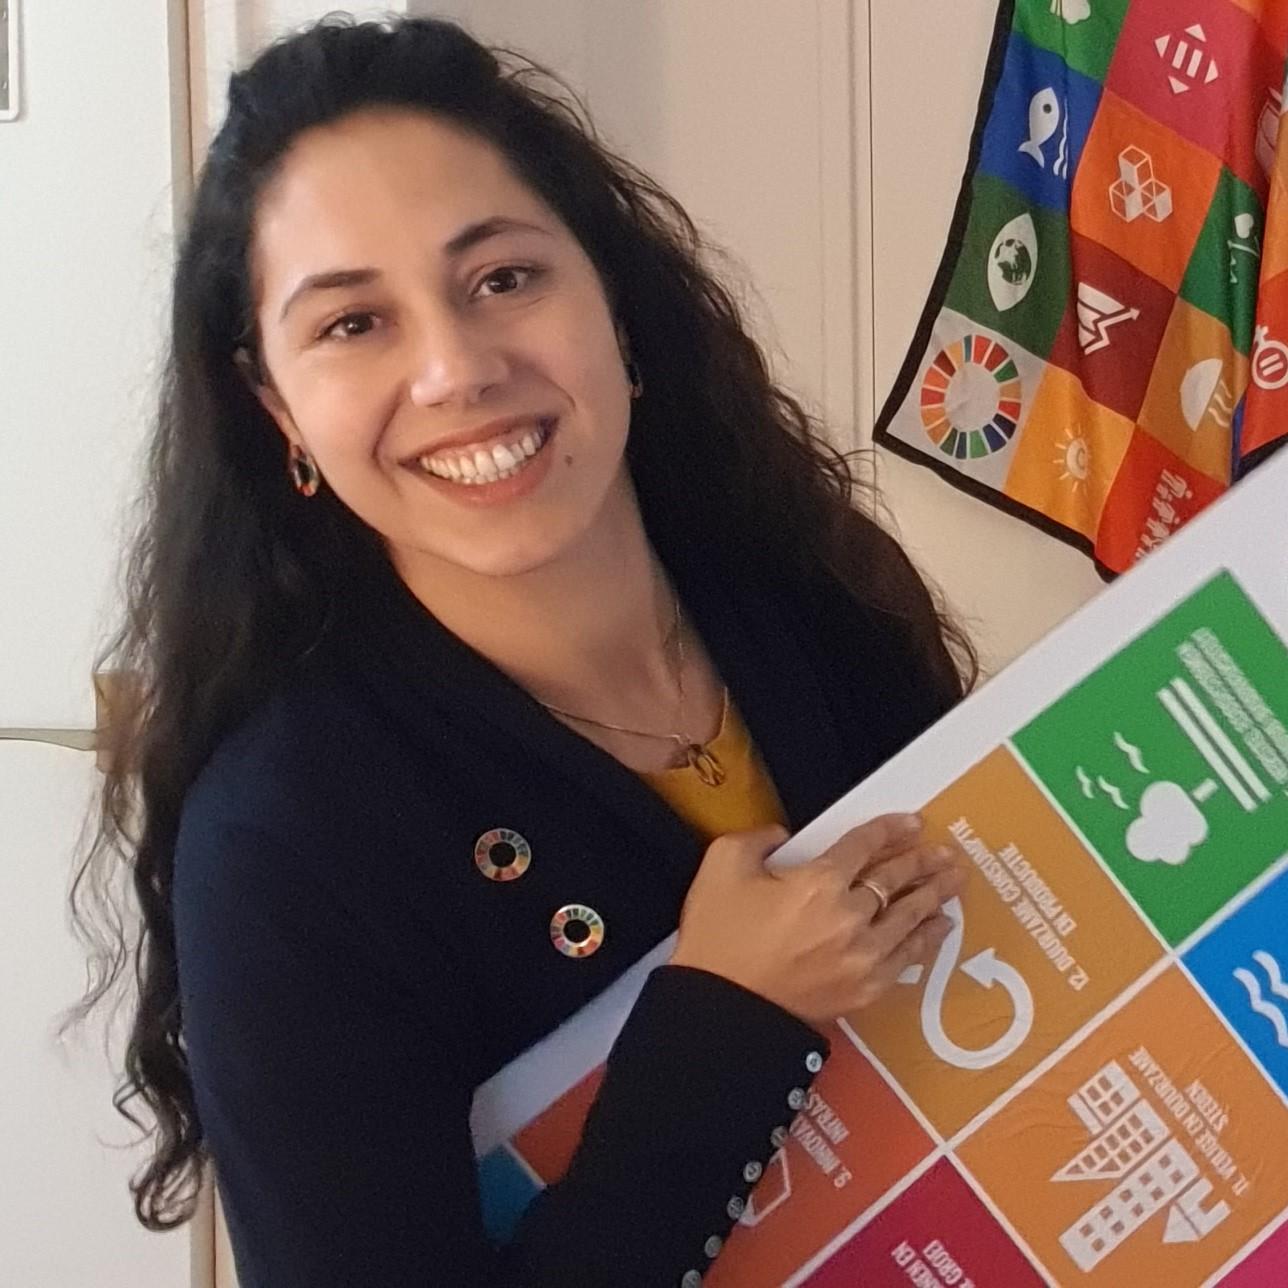 Mena Leila Global goals 2